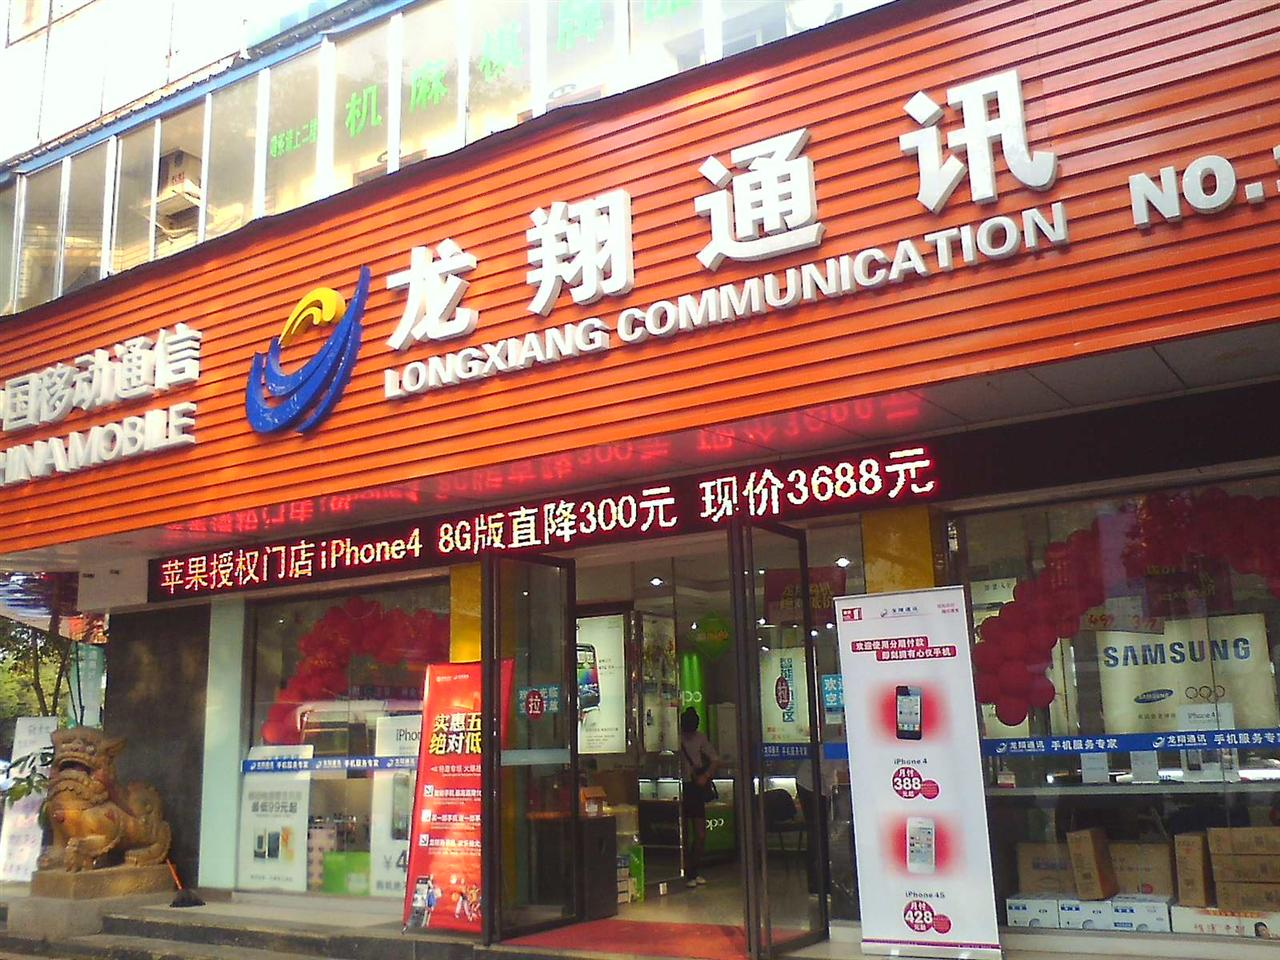 找商家 金堂龙翔通讯  店铺信誉:(信用积分 1分) 截止目前本商户访问